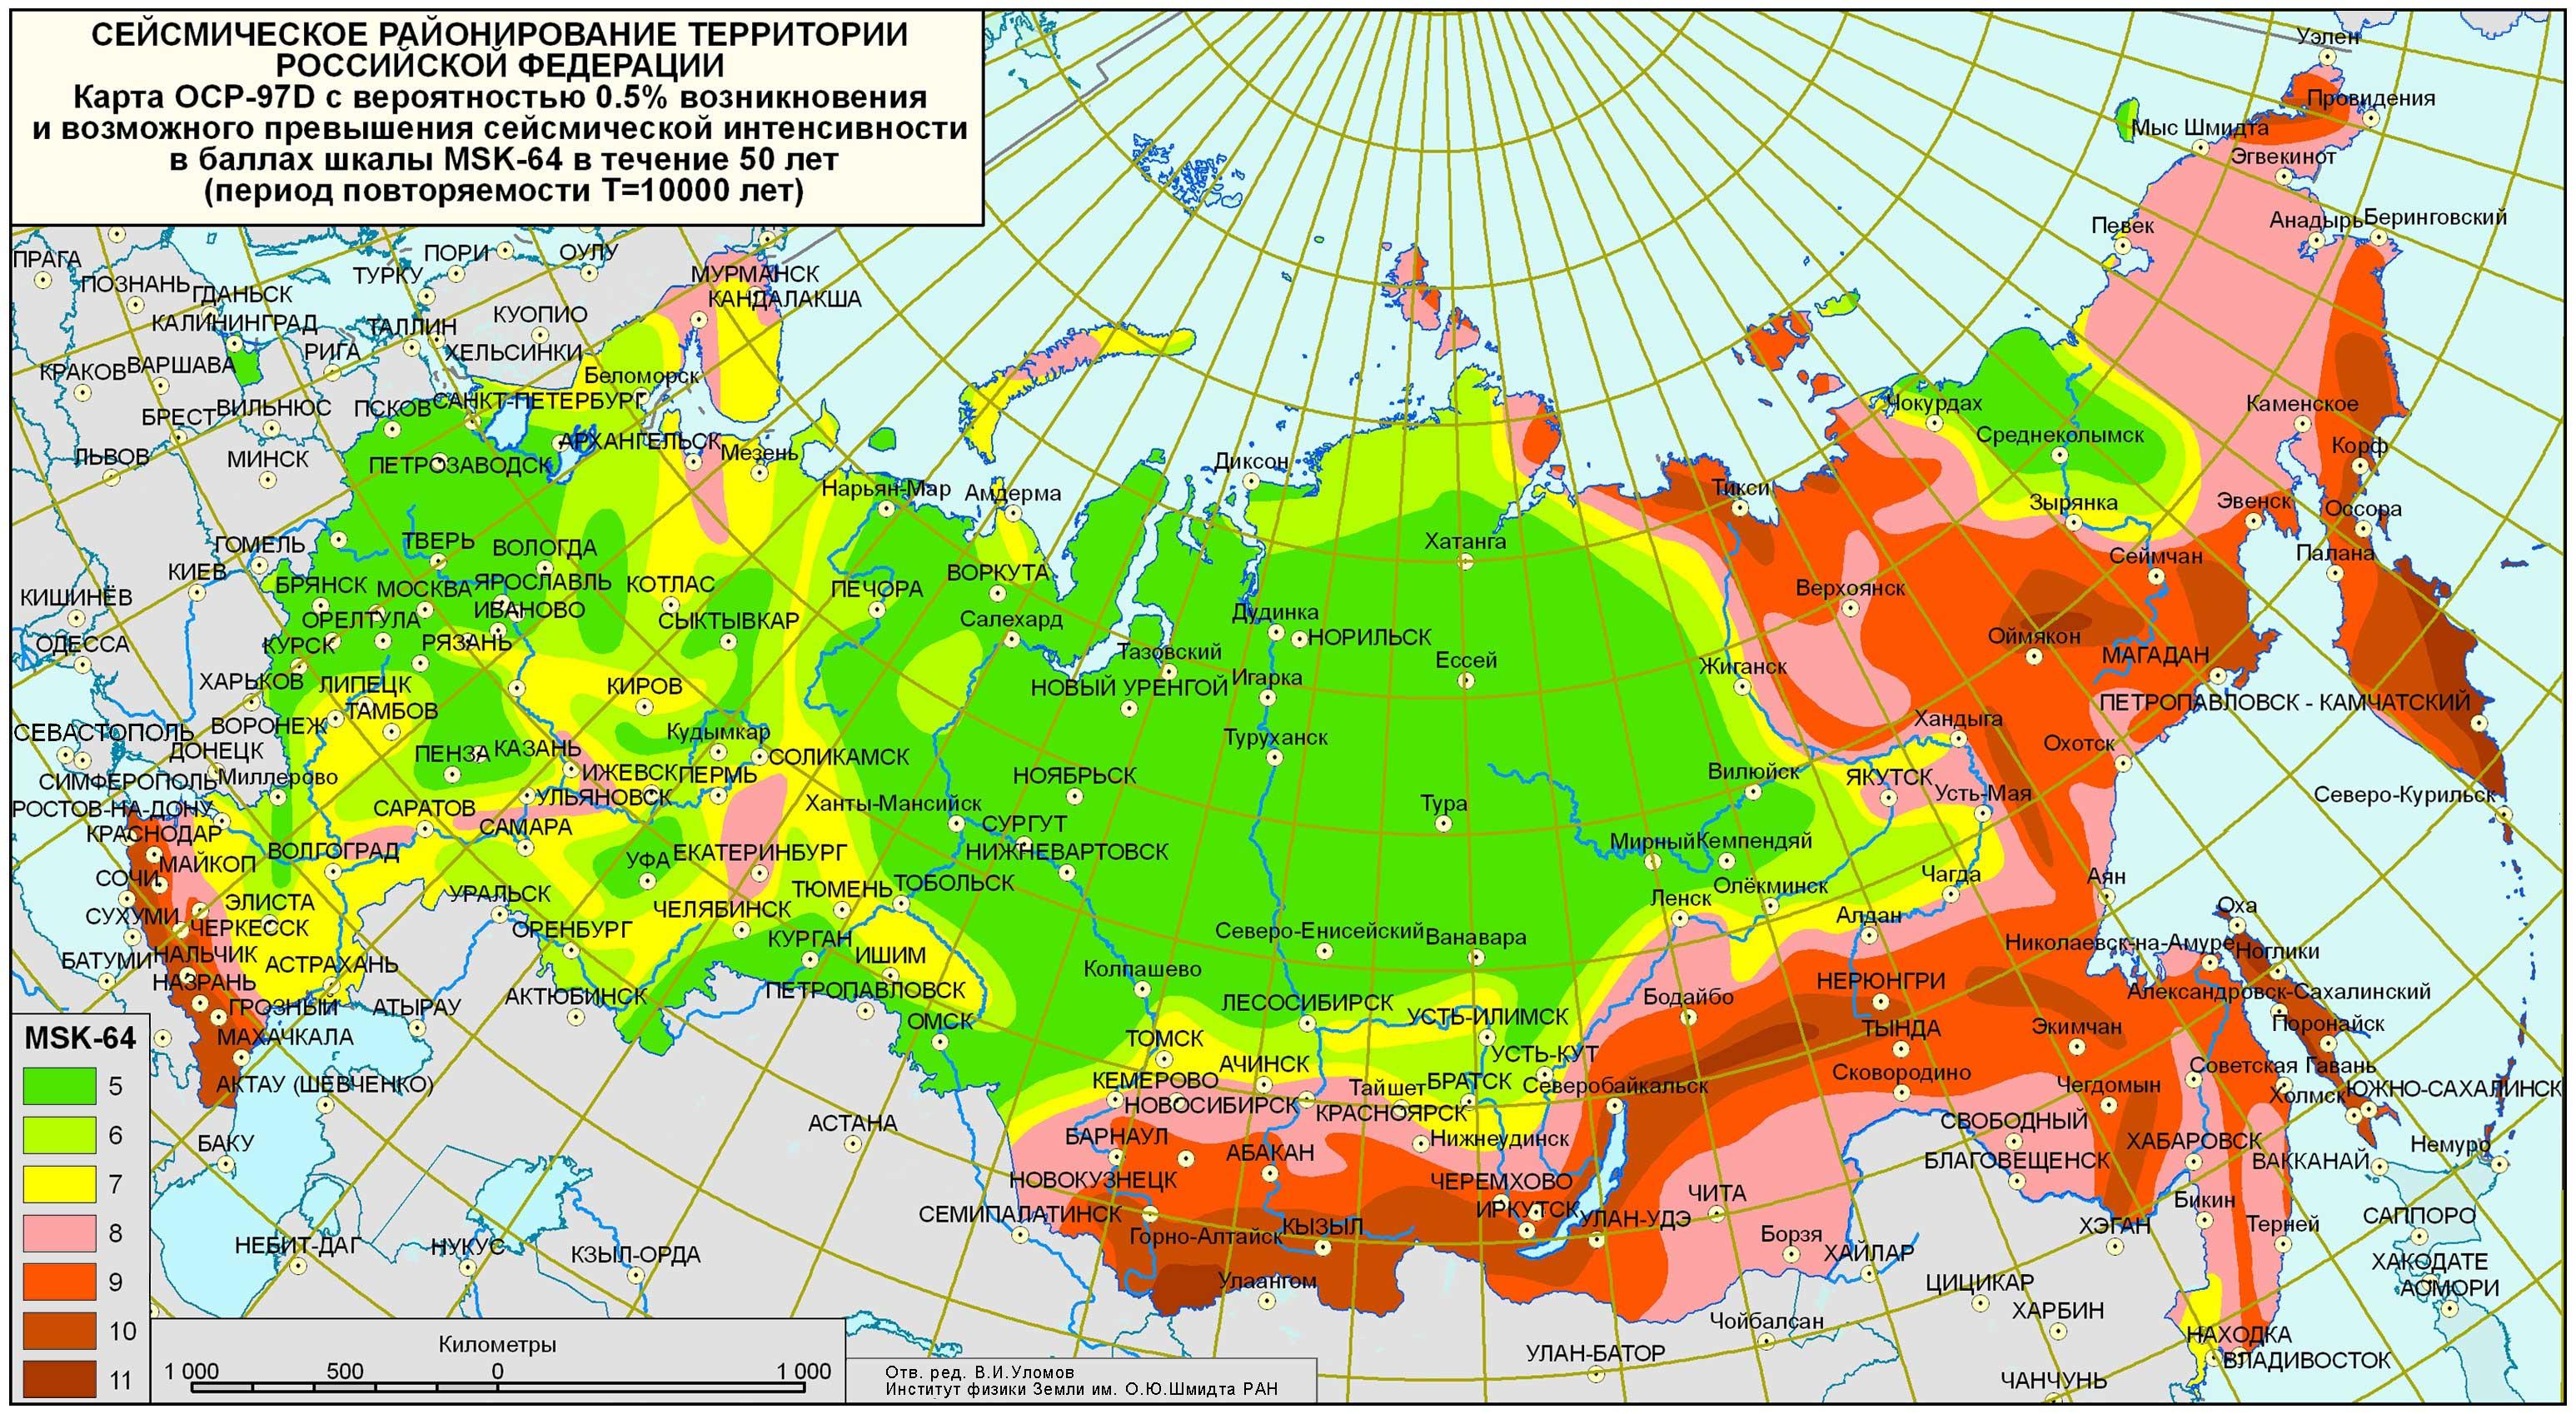 http://pts.mi-perm.ru/region/images/OSR-97-D.jpg